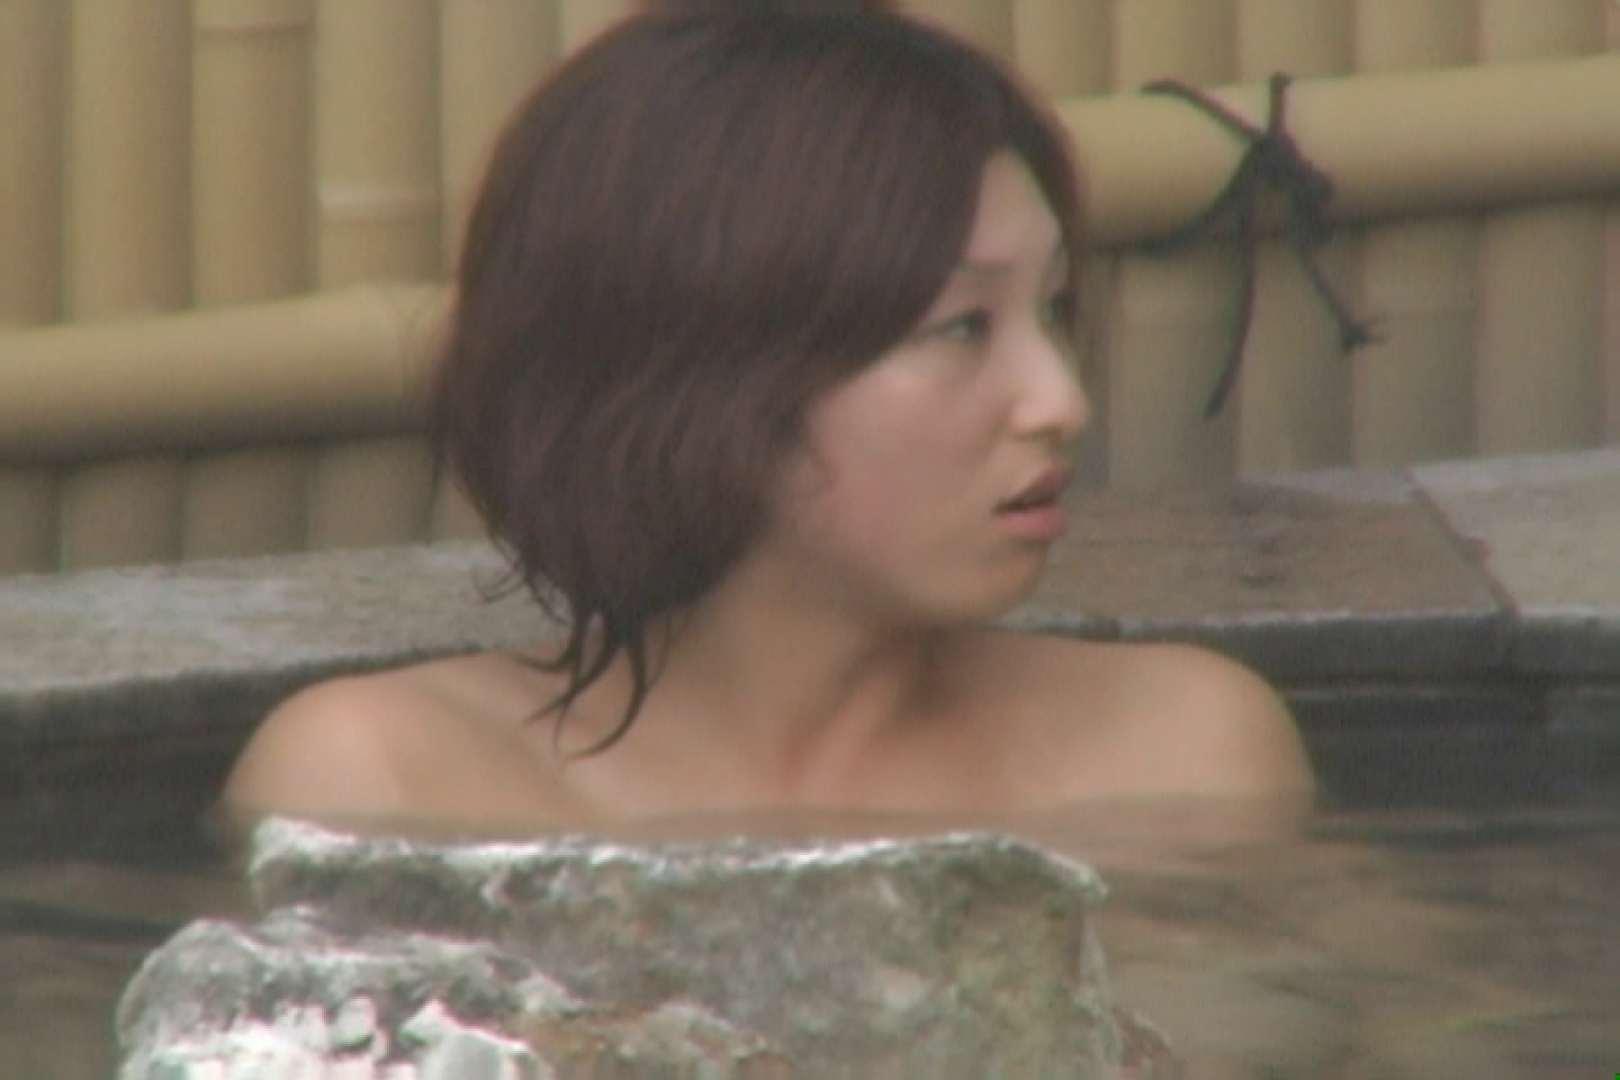 女露天風呂劇場 Vol.19 女湯の中 エロ画像 110画像 83